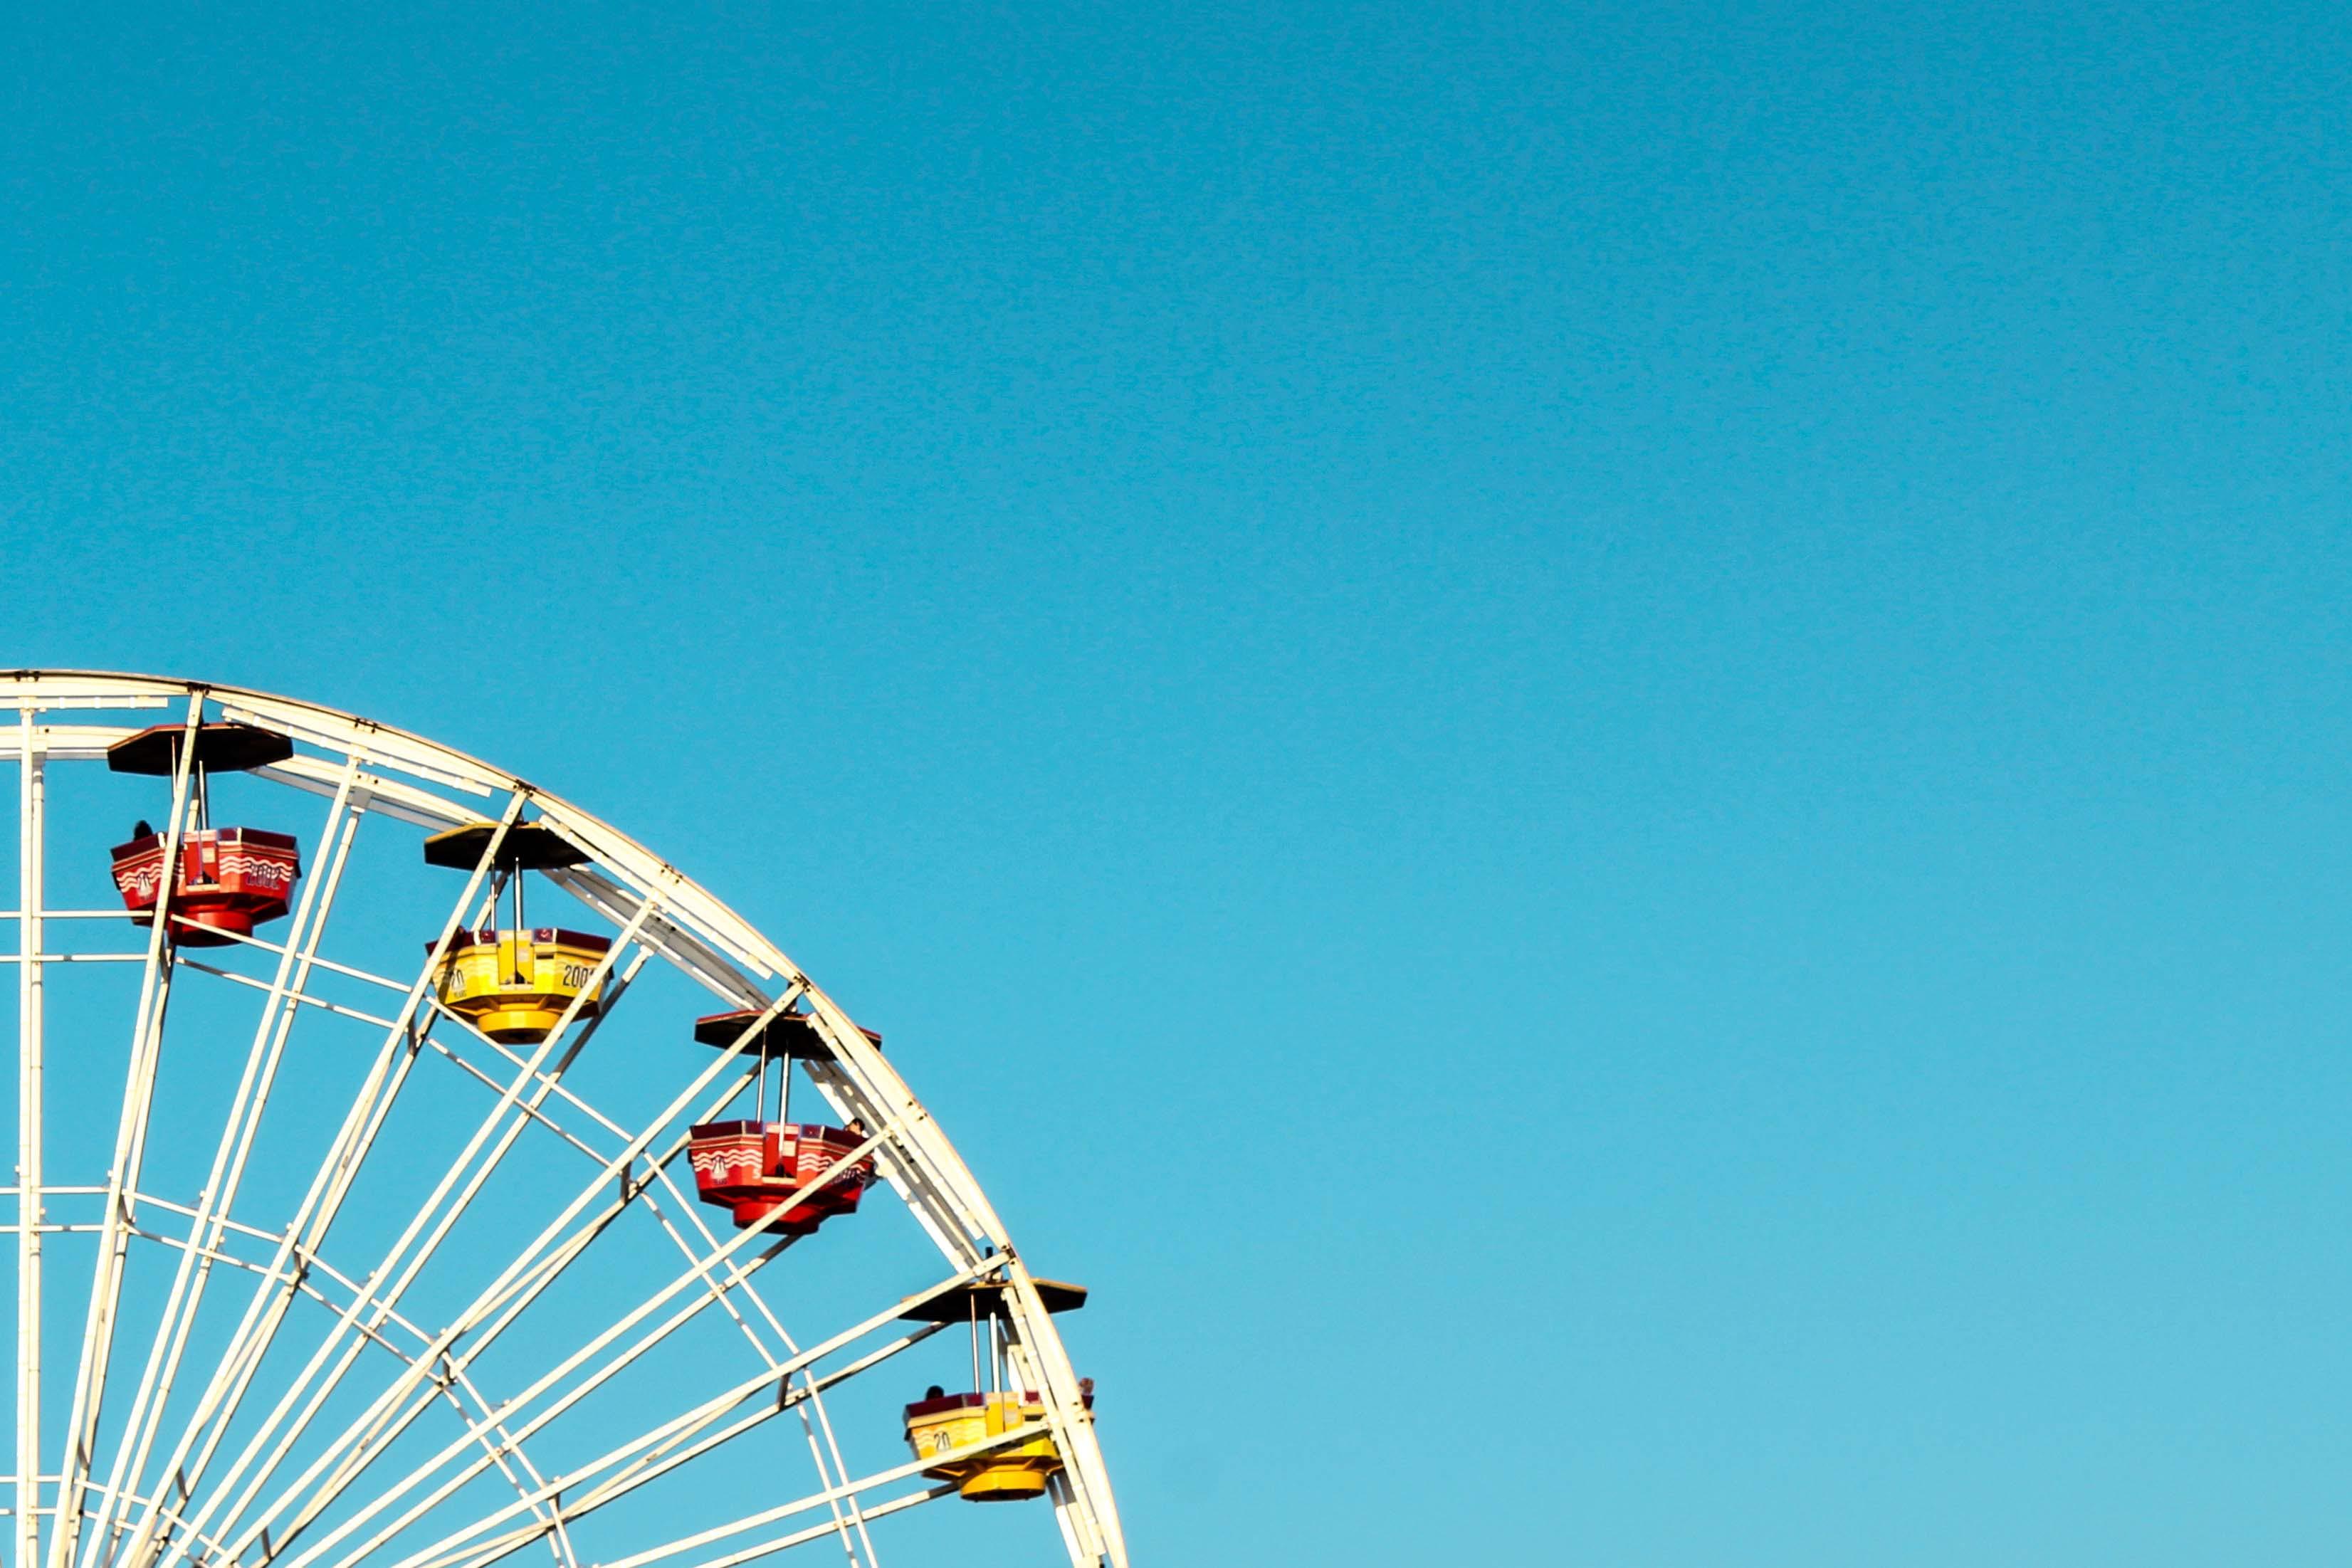 Kostenloses Stock Foto zu blauer himmel, freizeitpark, himmel, hoch